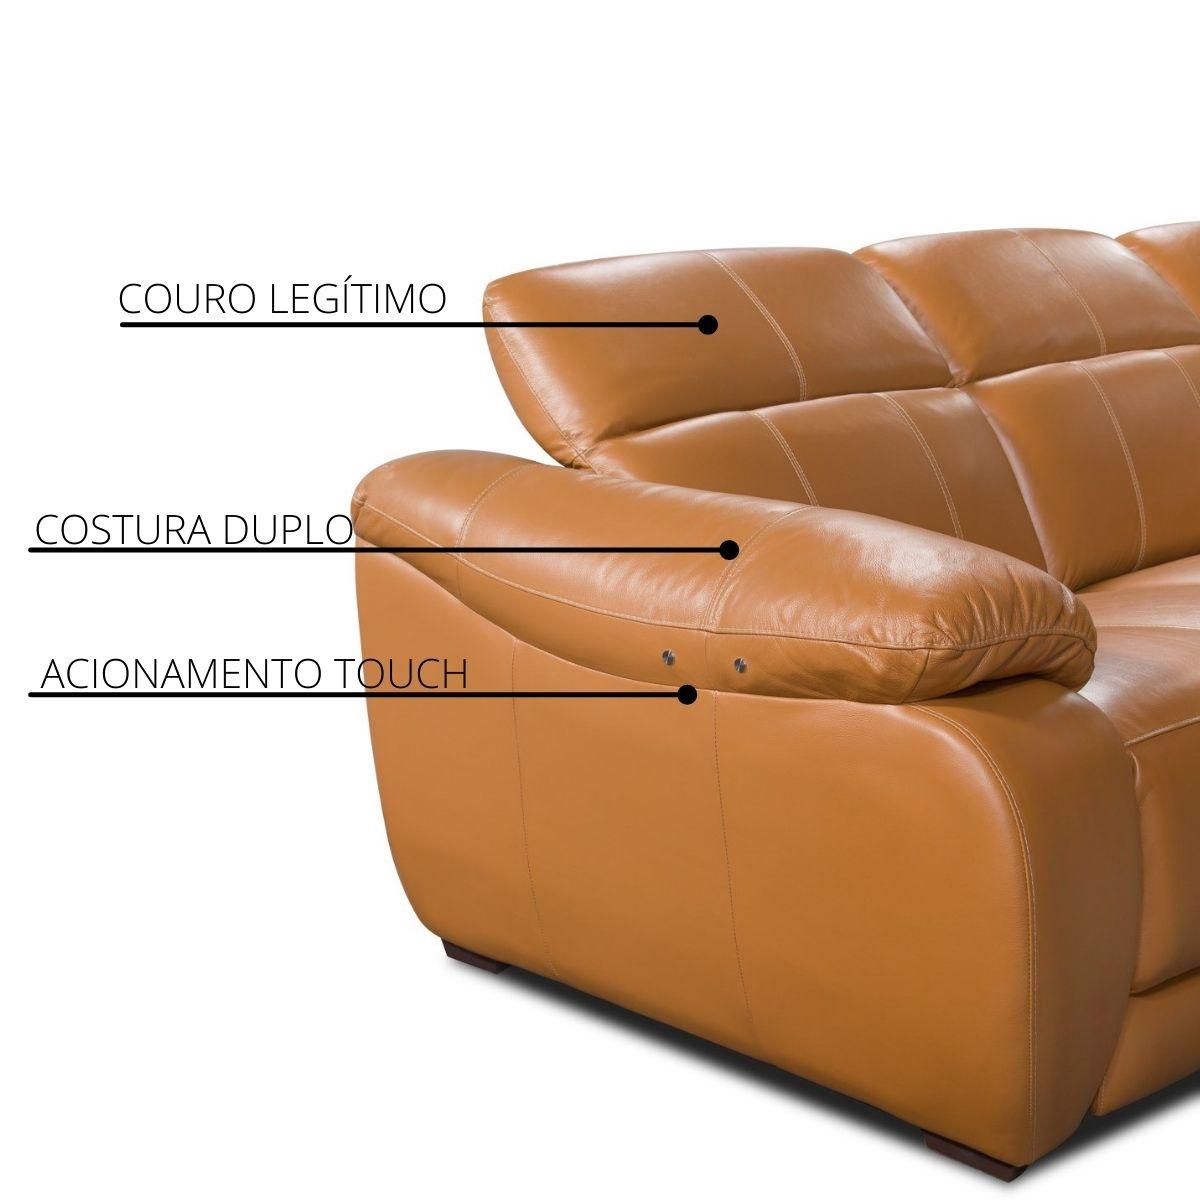 Sofá Retrátil Elétrico de Couro 299cm - Royal Pronta Entrega  - Formato Móveis e Decorações